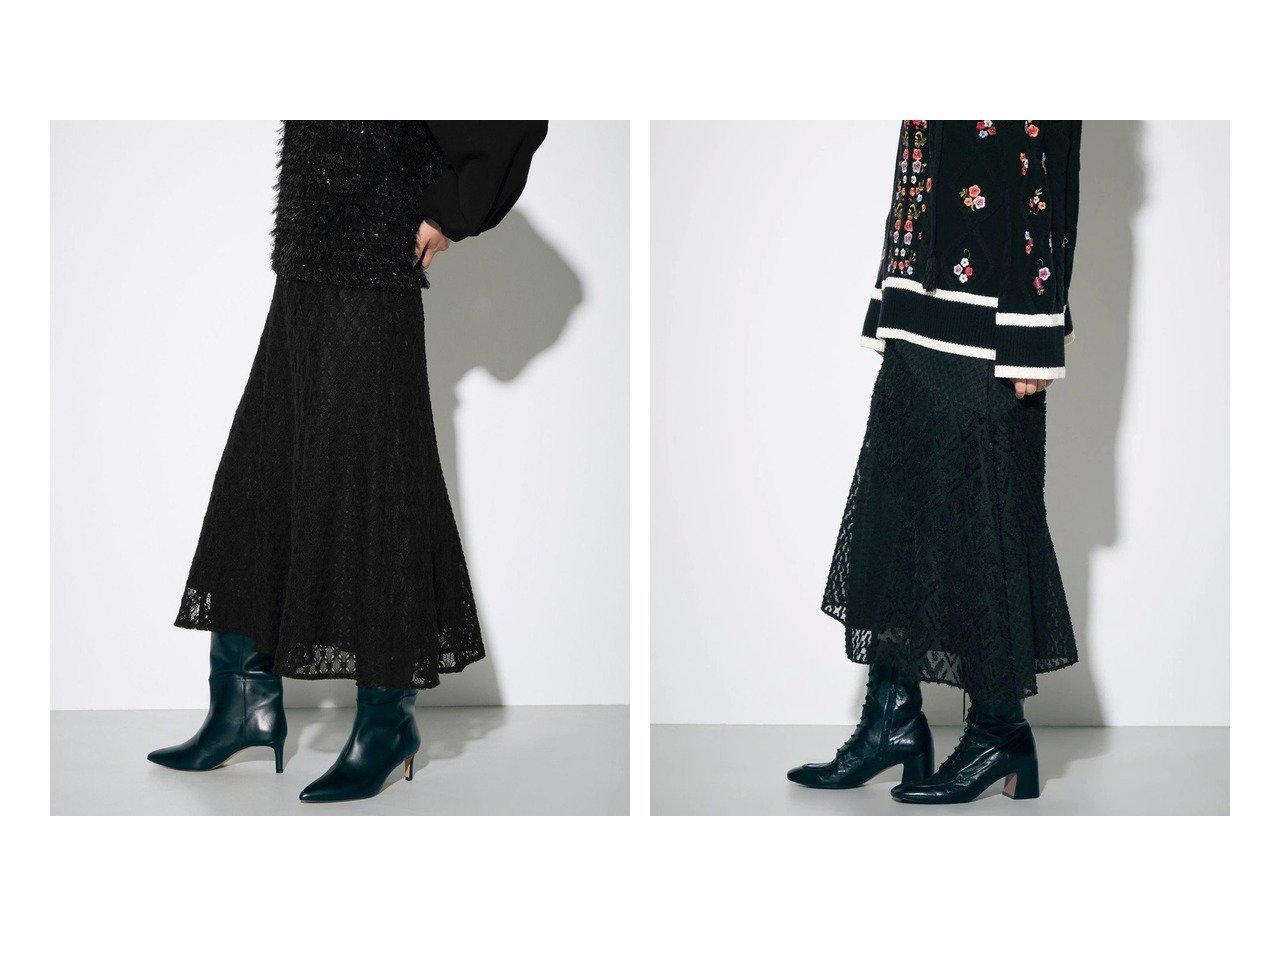 【GRACE CONTINENTAL/グレース コンチネンタル】のレースコンビスカート&イレギュラーフレアスカート 【スカート】おすすめ!人気、トレンド・レディースファッションの通販 おすすめで人気の流行・トレンド、ファッションの通販商品 インテリア・家具・メンズファッション・キッズファッション・レディースファッション・服の通販 founy(ファニー) https://founy.com/ ファッション Fashion レディースファッション WOMEN スカート Skirt Aライン/フレアスカート Flared A-Line Skirts 送料無料 Free Shipping イレギュラー フェミニン フレア 定番 Standard  ID:crp329100000071812